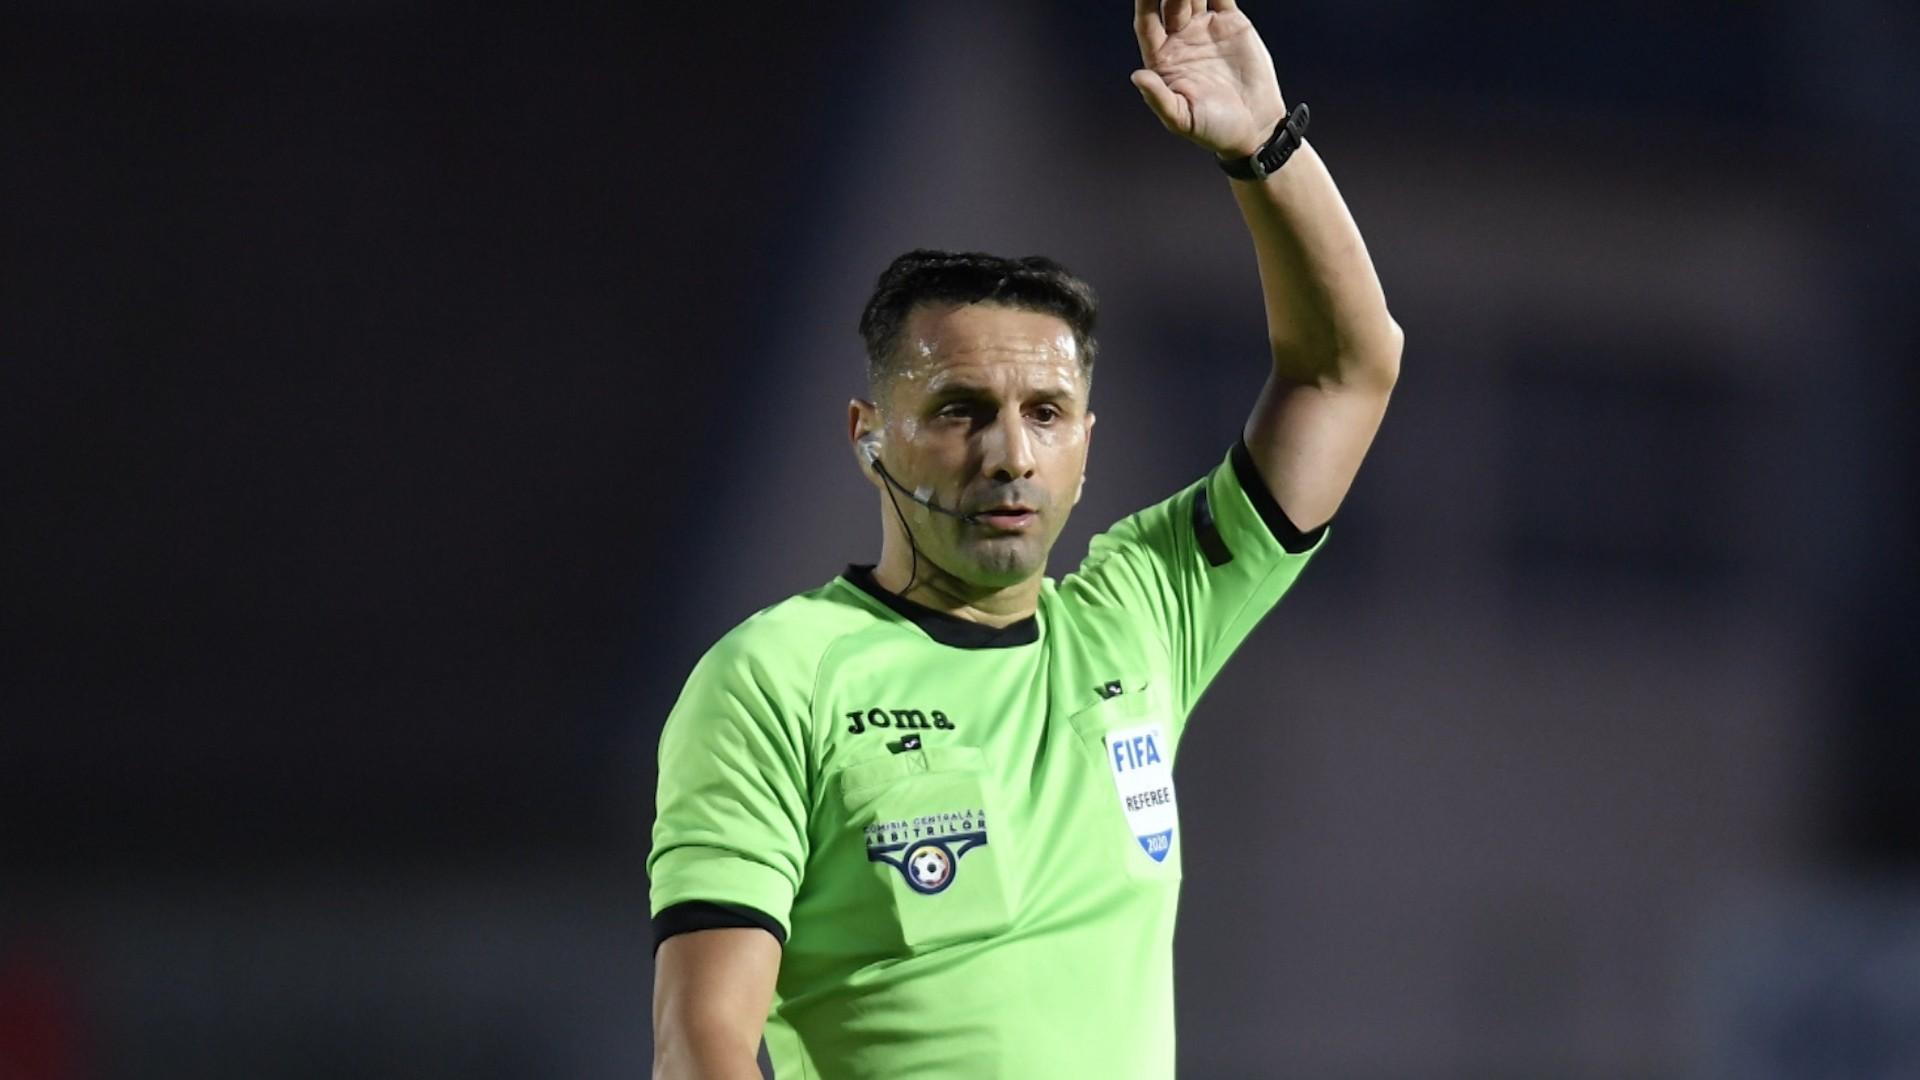 Sebastian Colţescu, şanse mari să scape de scandalul de rasism în care a fost implicat în UEFA Champions League